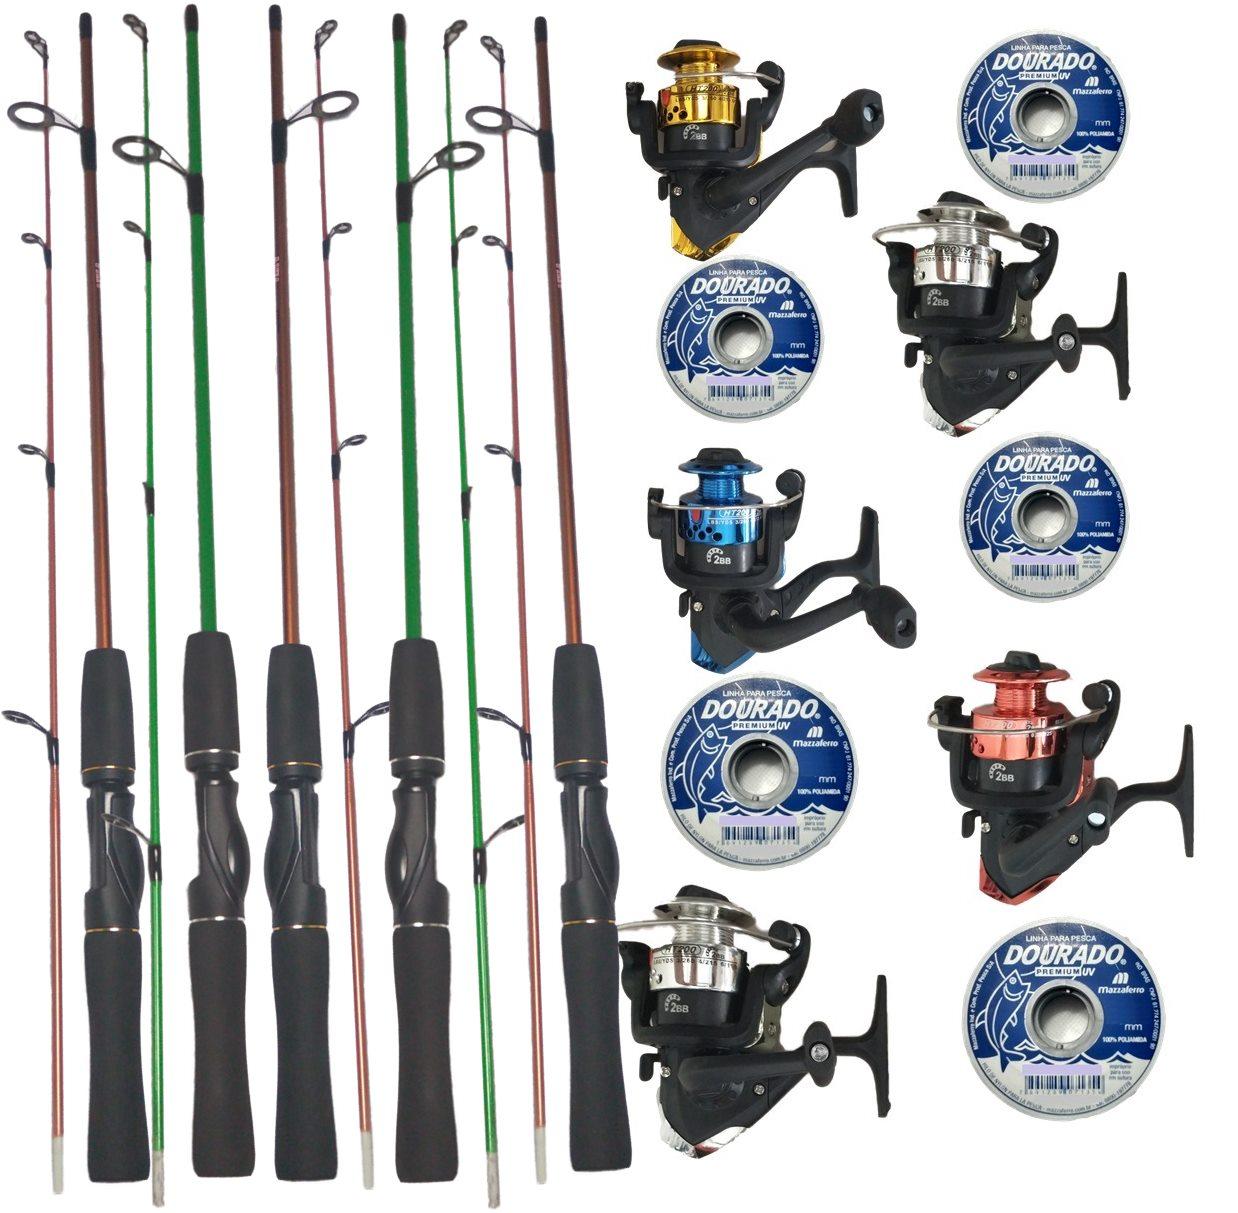 Kit Pesca 5 Molinetes C/ Linha E 5 Varas 1,20m Oferta